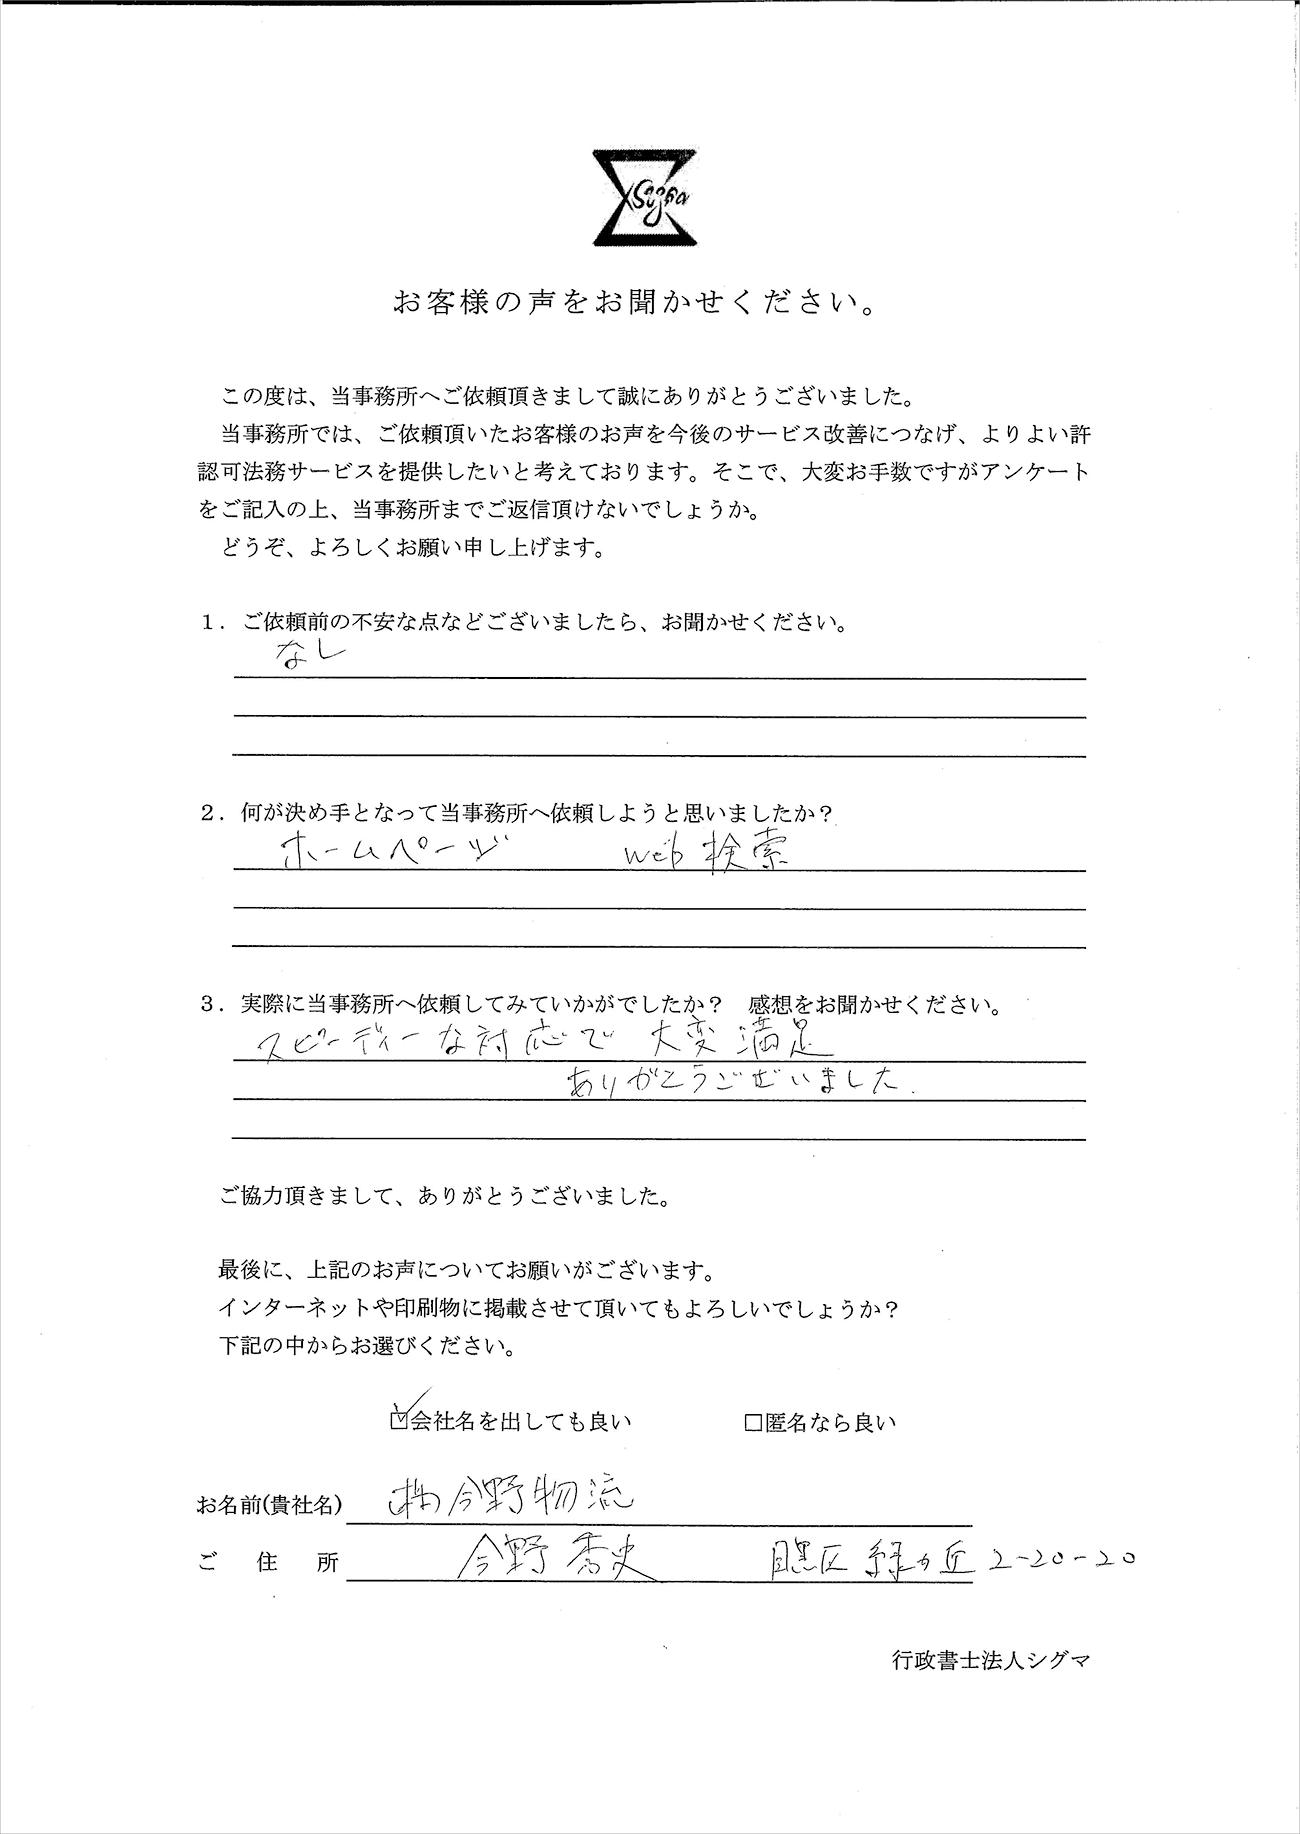 株式会社今野物流様アンケート